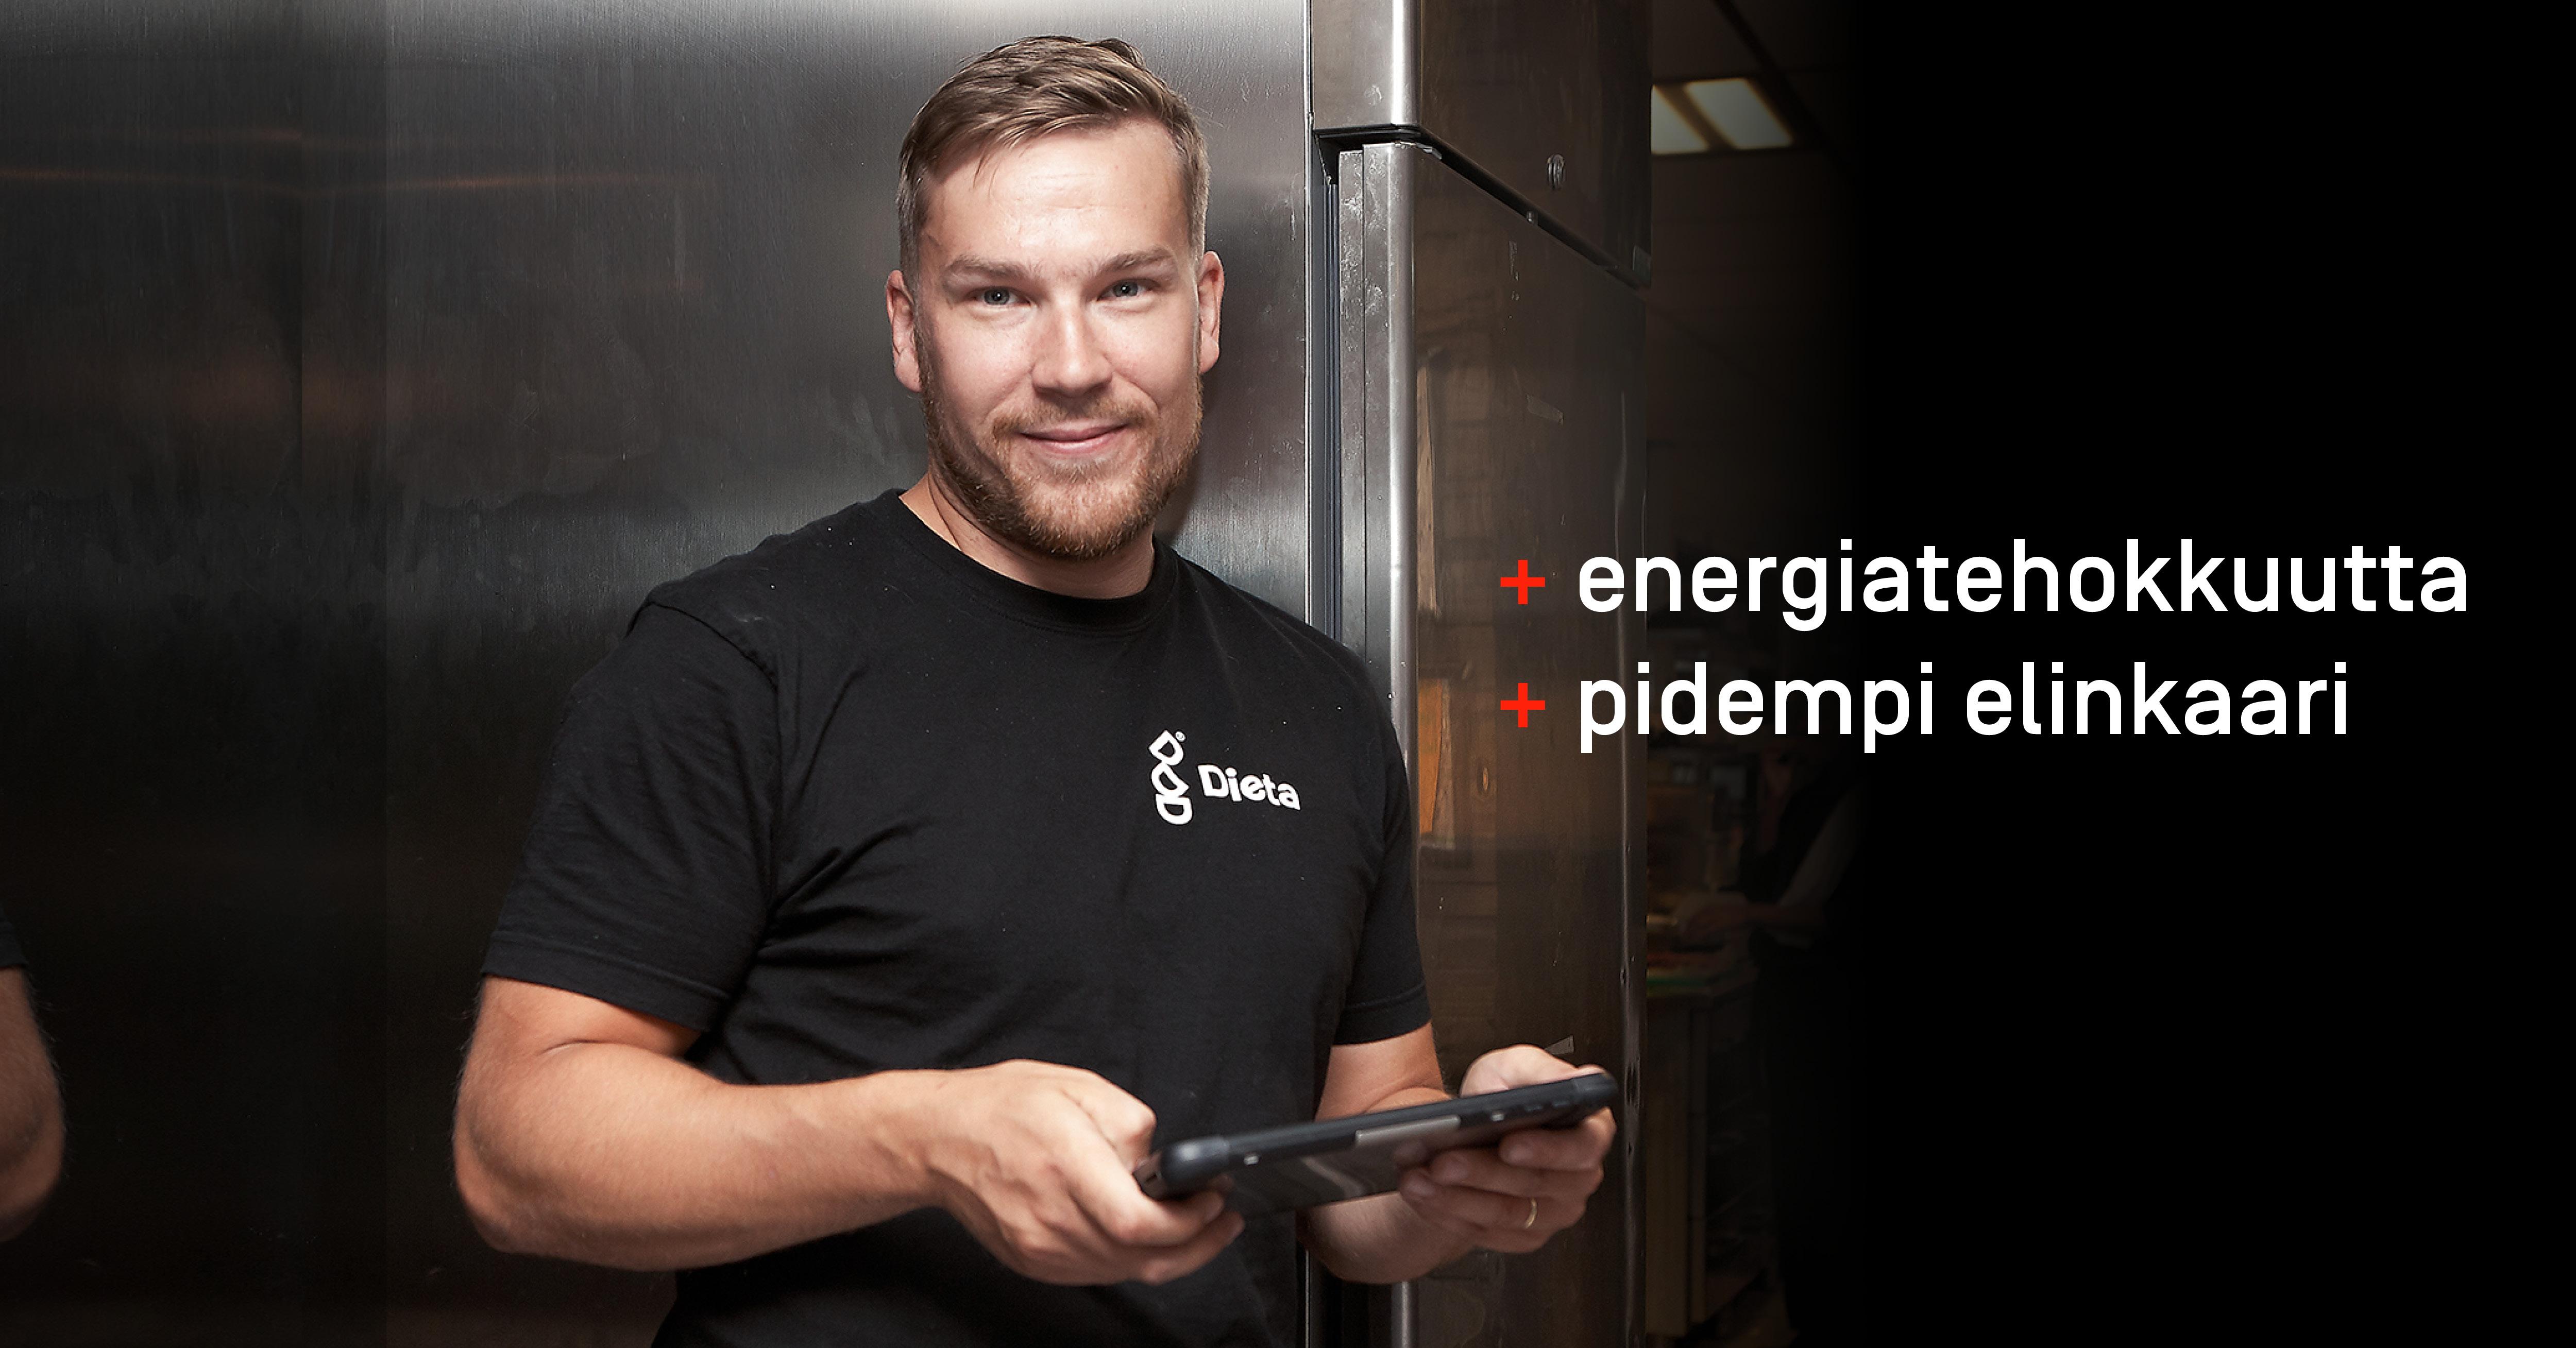 Paranna laitteiden energiatehokkuutta säännöllisellä ylläpidolla